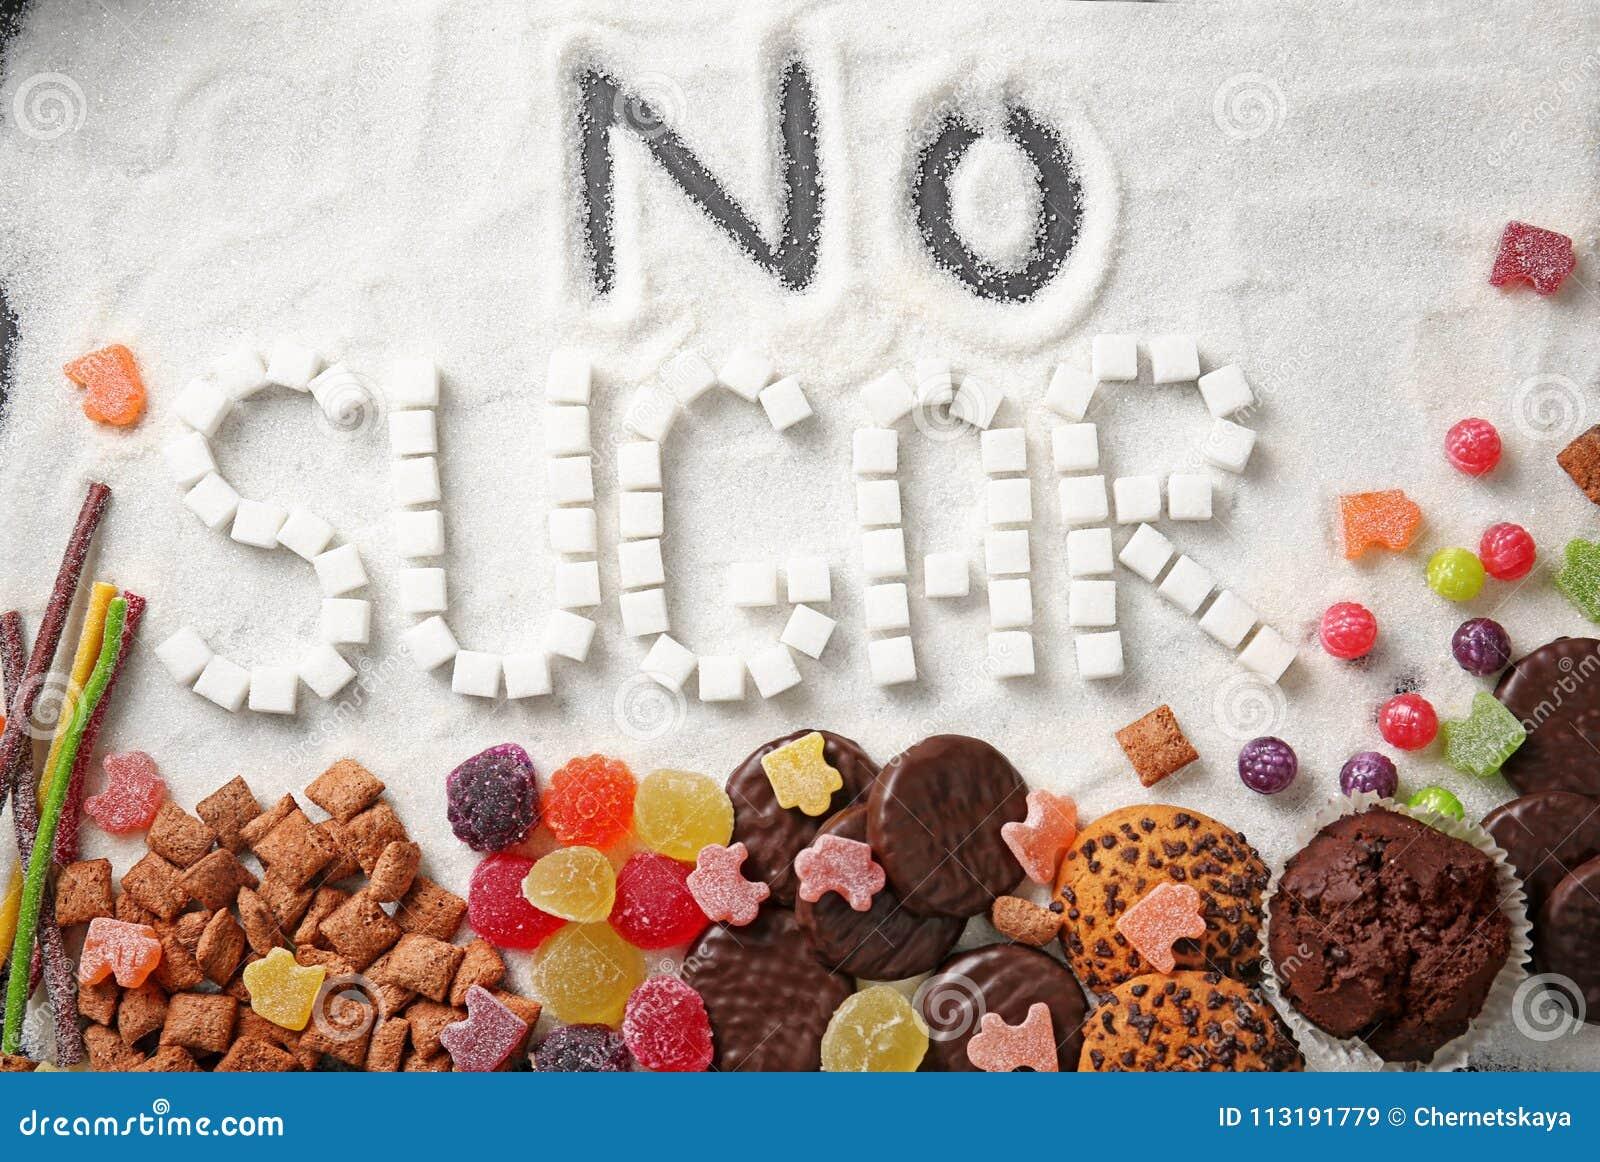 Samenstelling met uitdrukking GEEN SUIKER en snoepjes op suikerzand